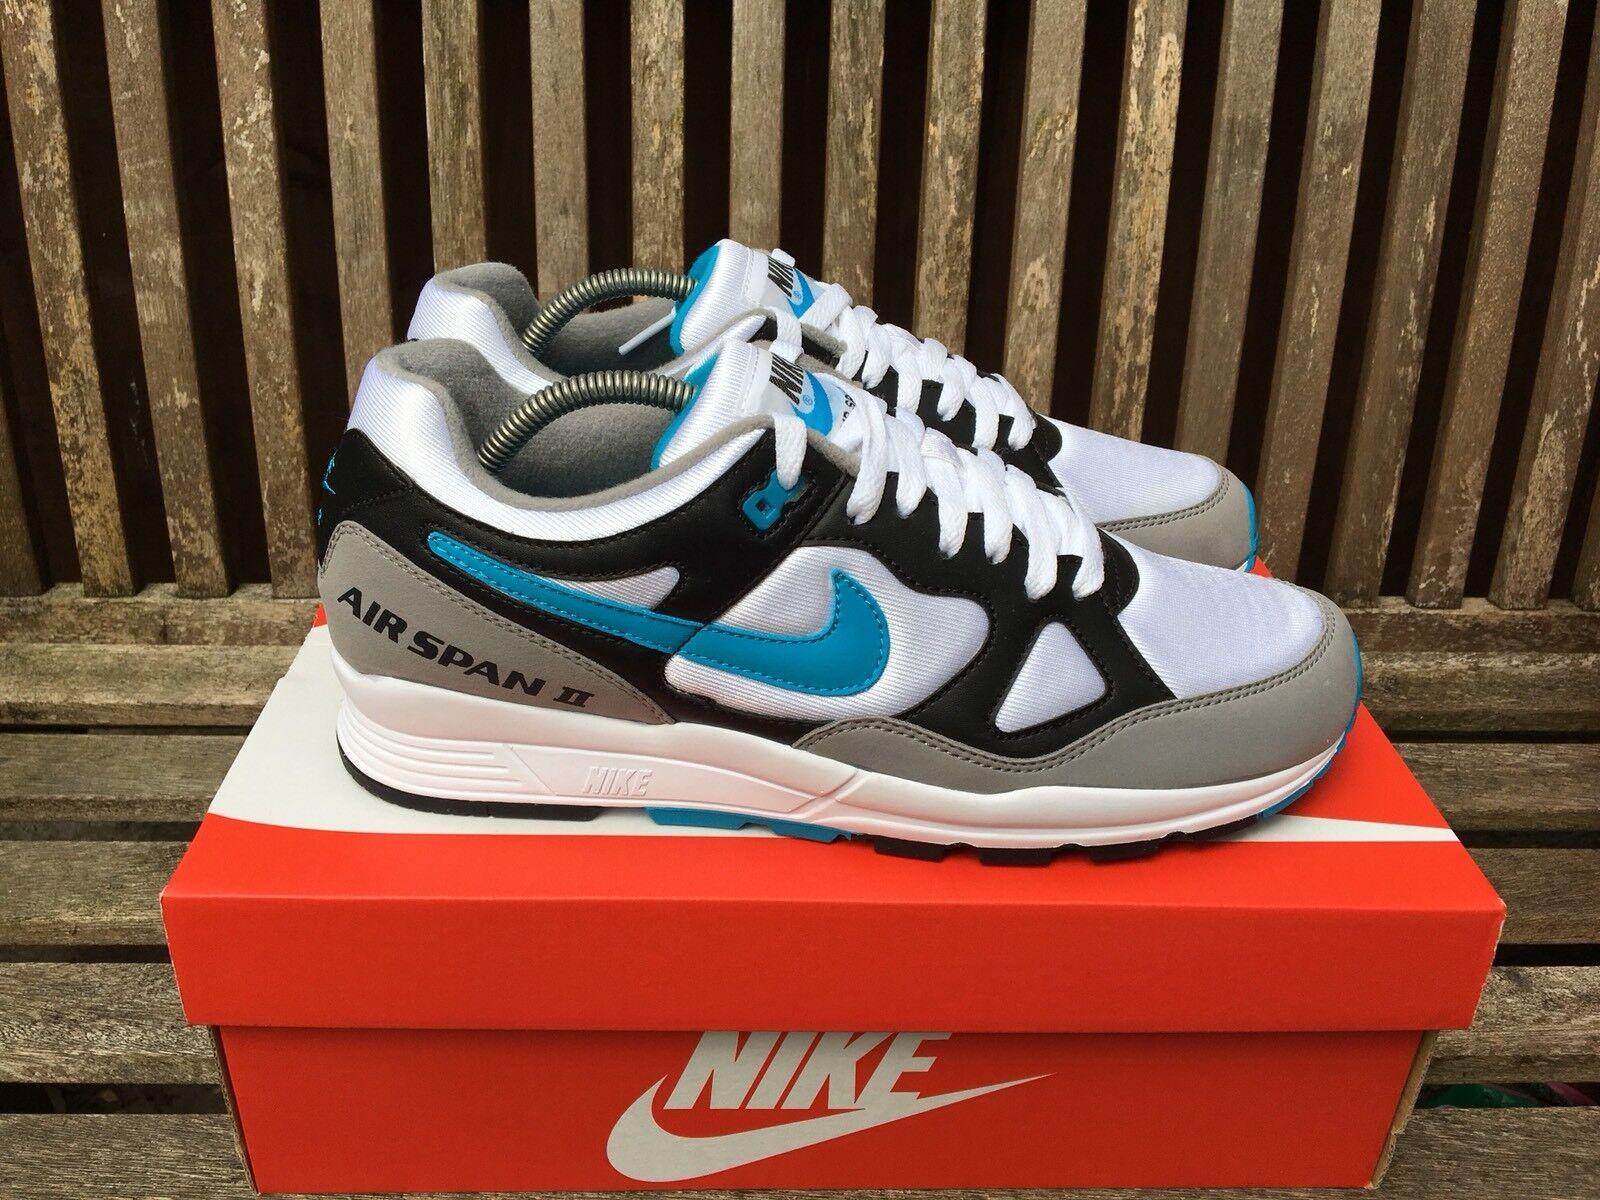 Nike Air SPAN II 2 OG -